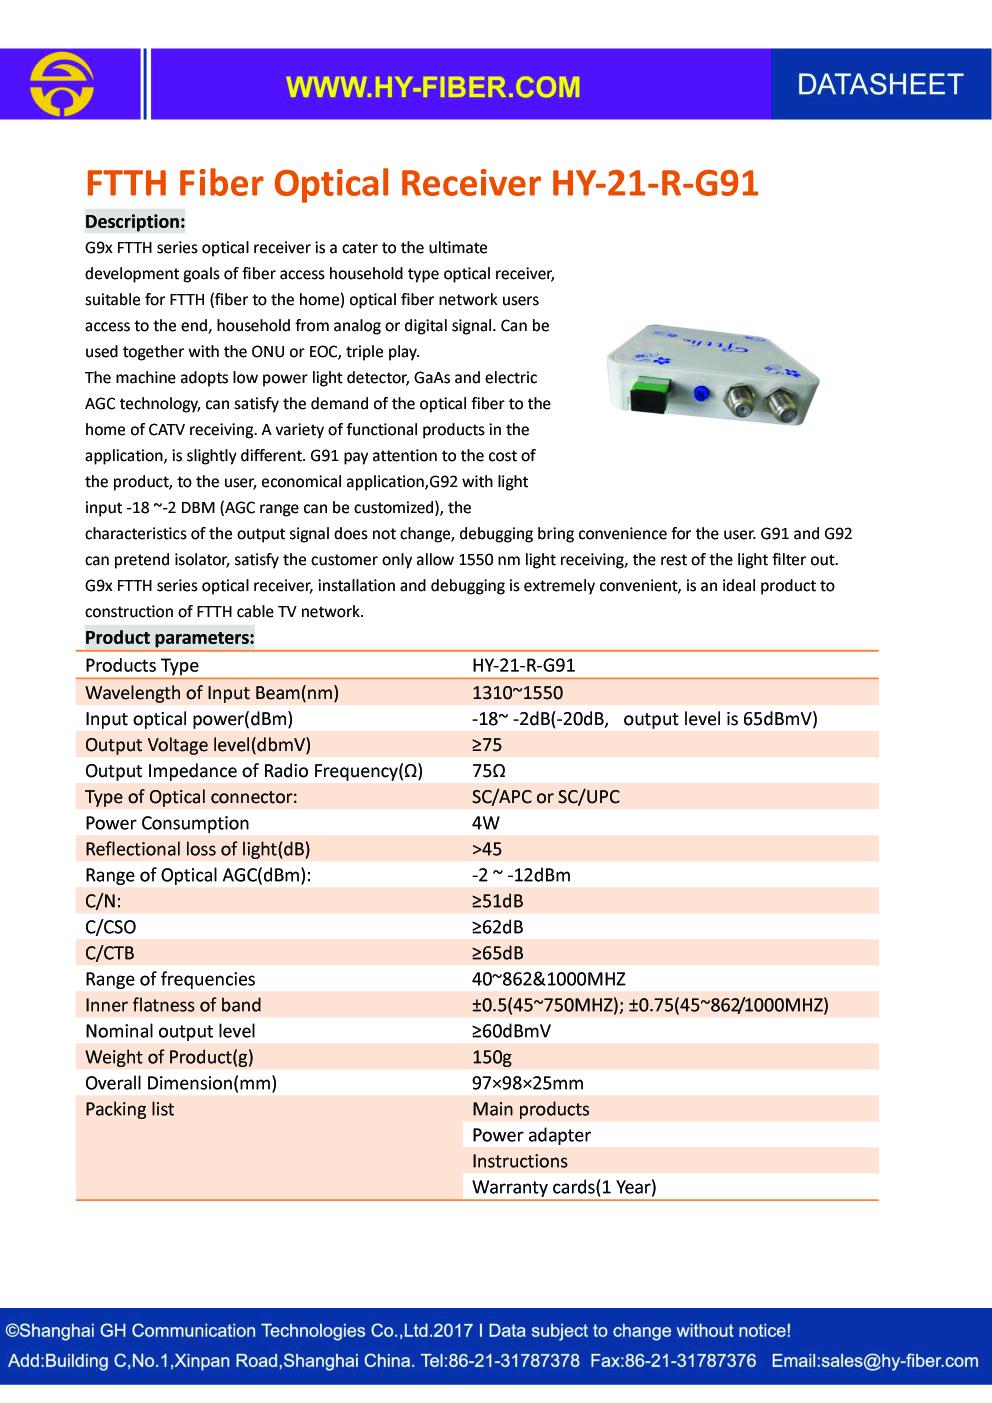 FH Fiber Optical Receiver HY-21-R-G91